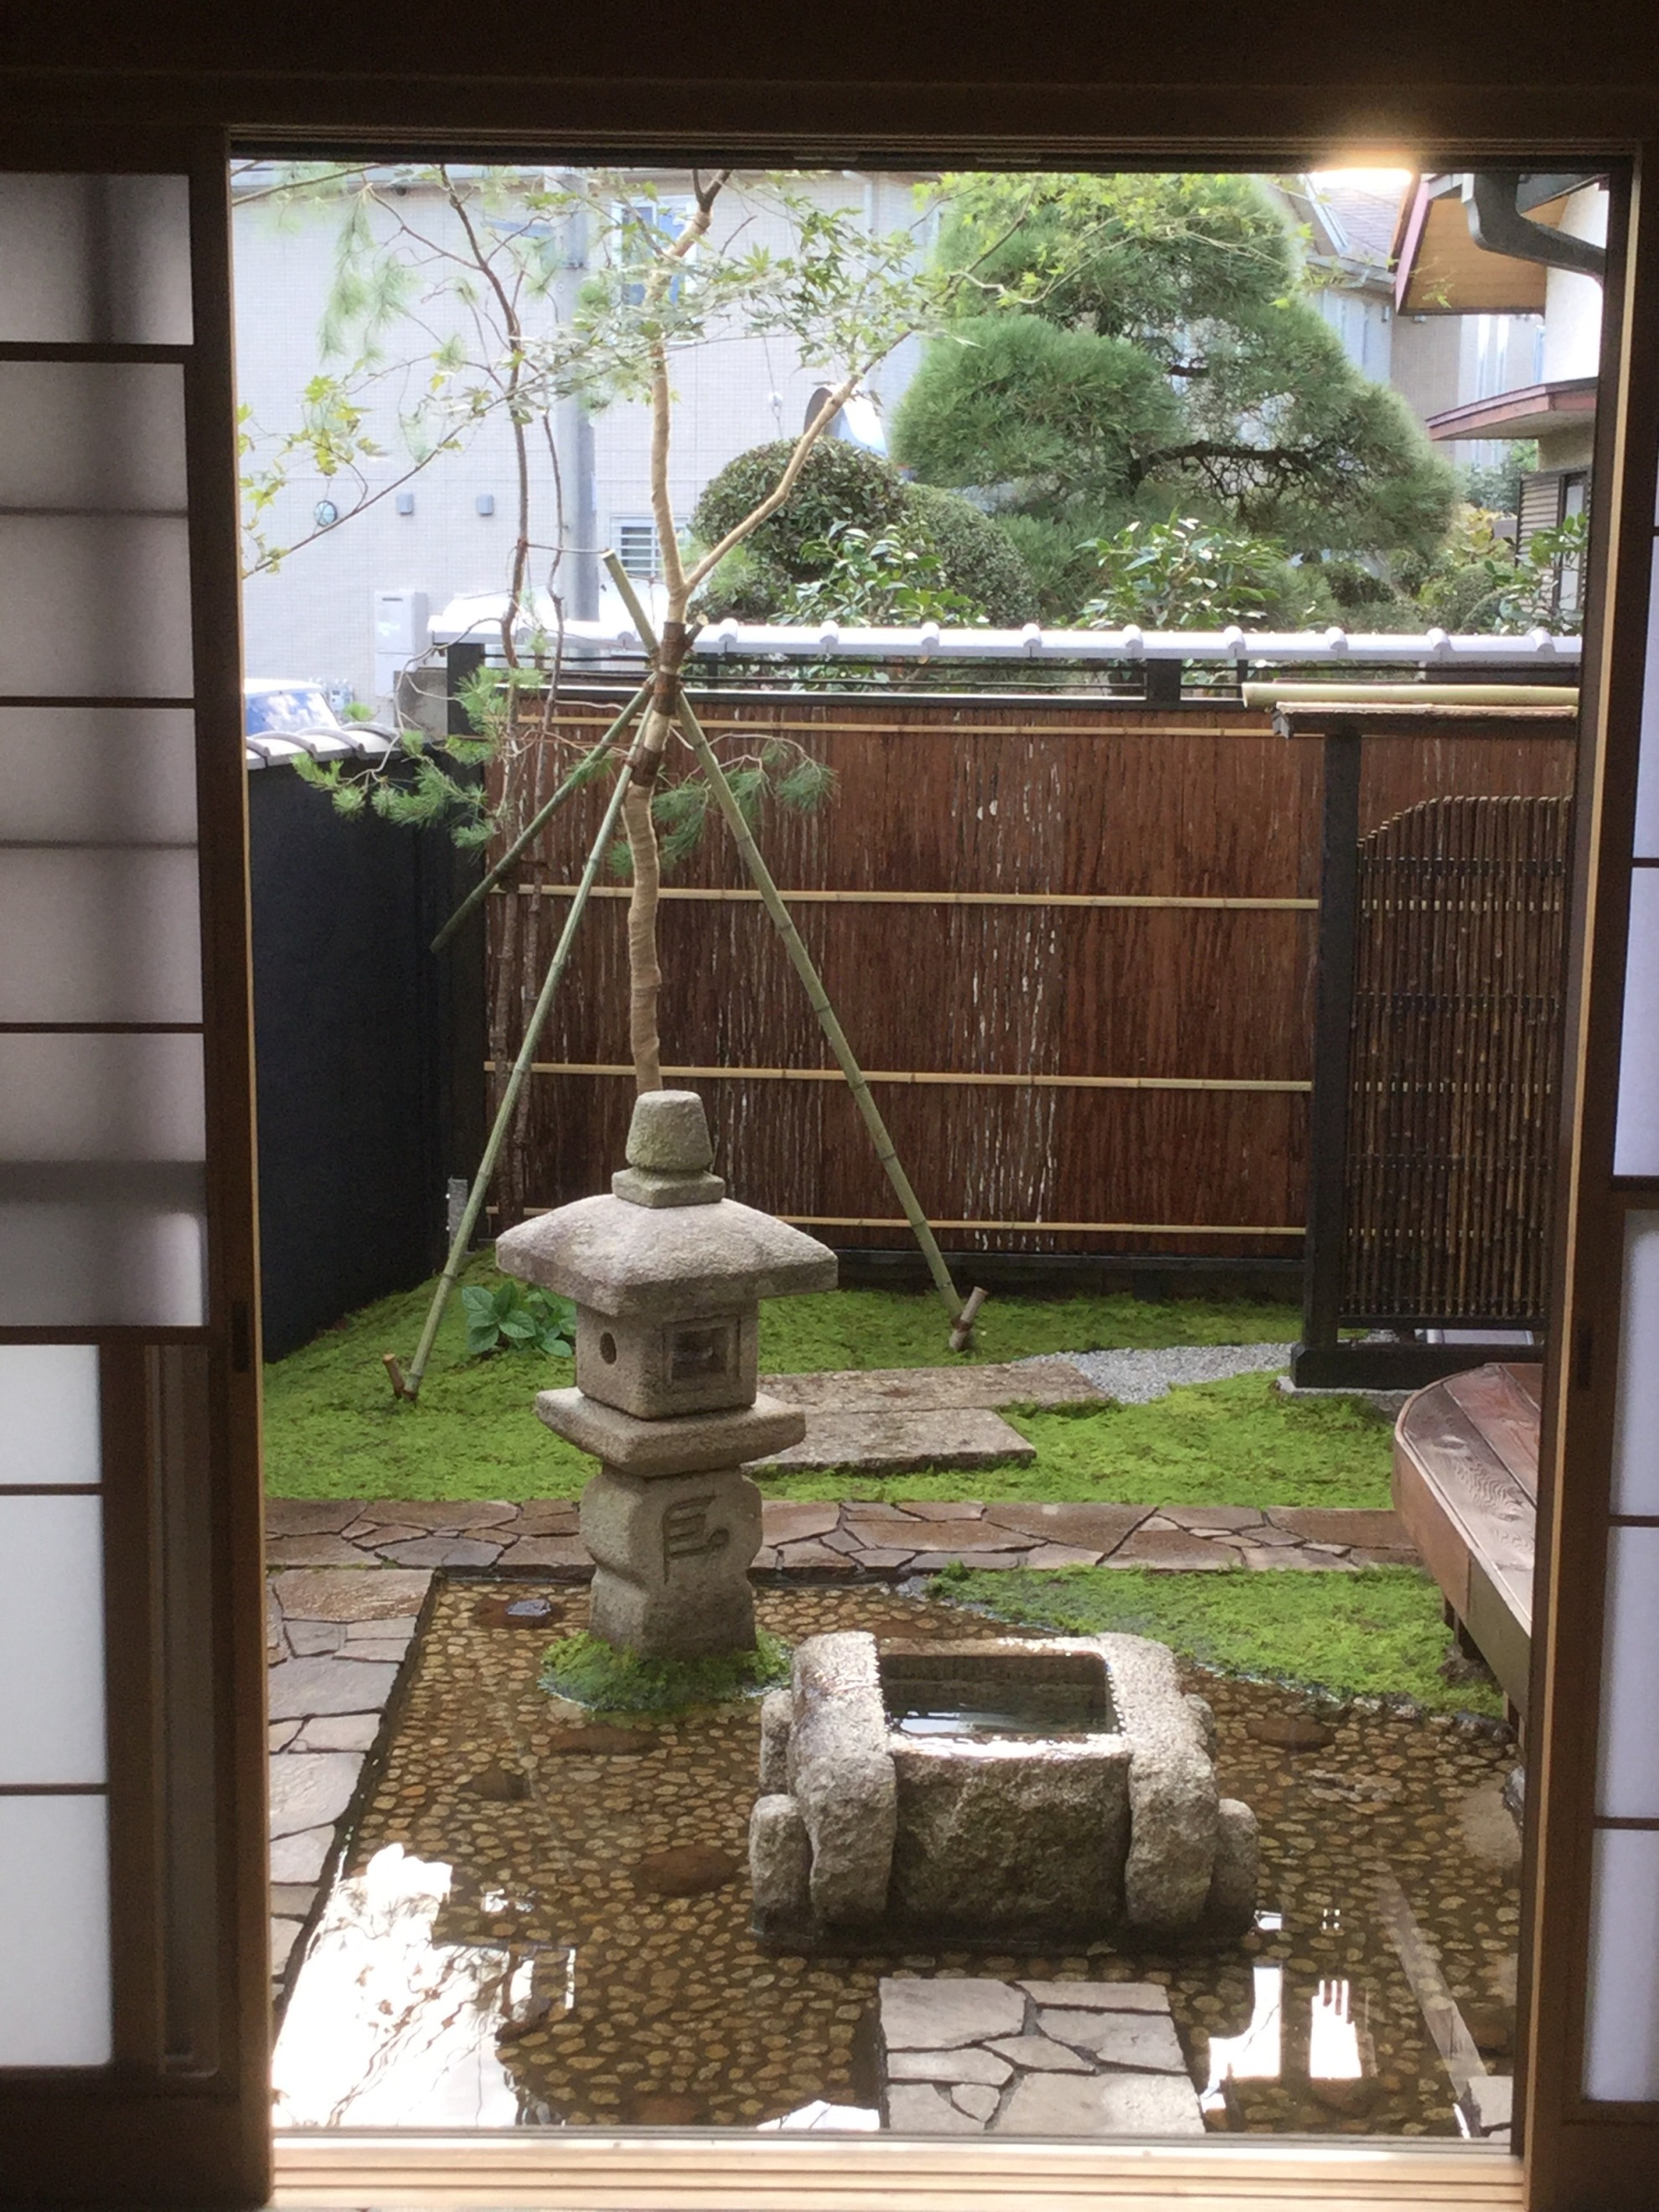 黒漆喰と苔の庭 埼玉県(さいたま市)-15